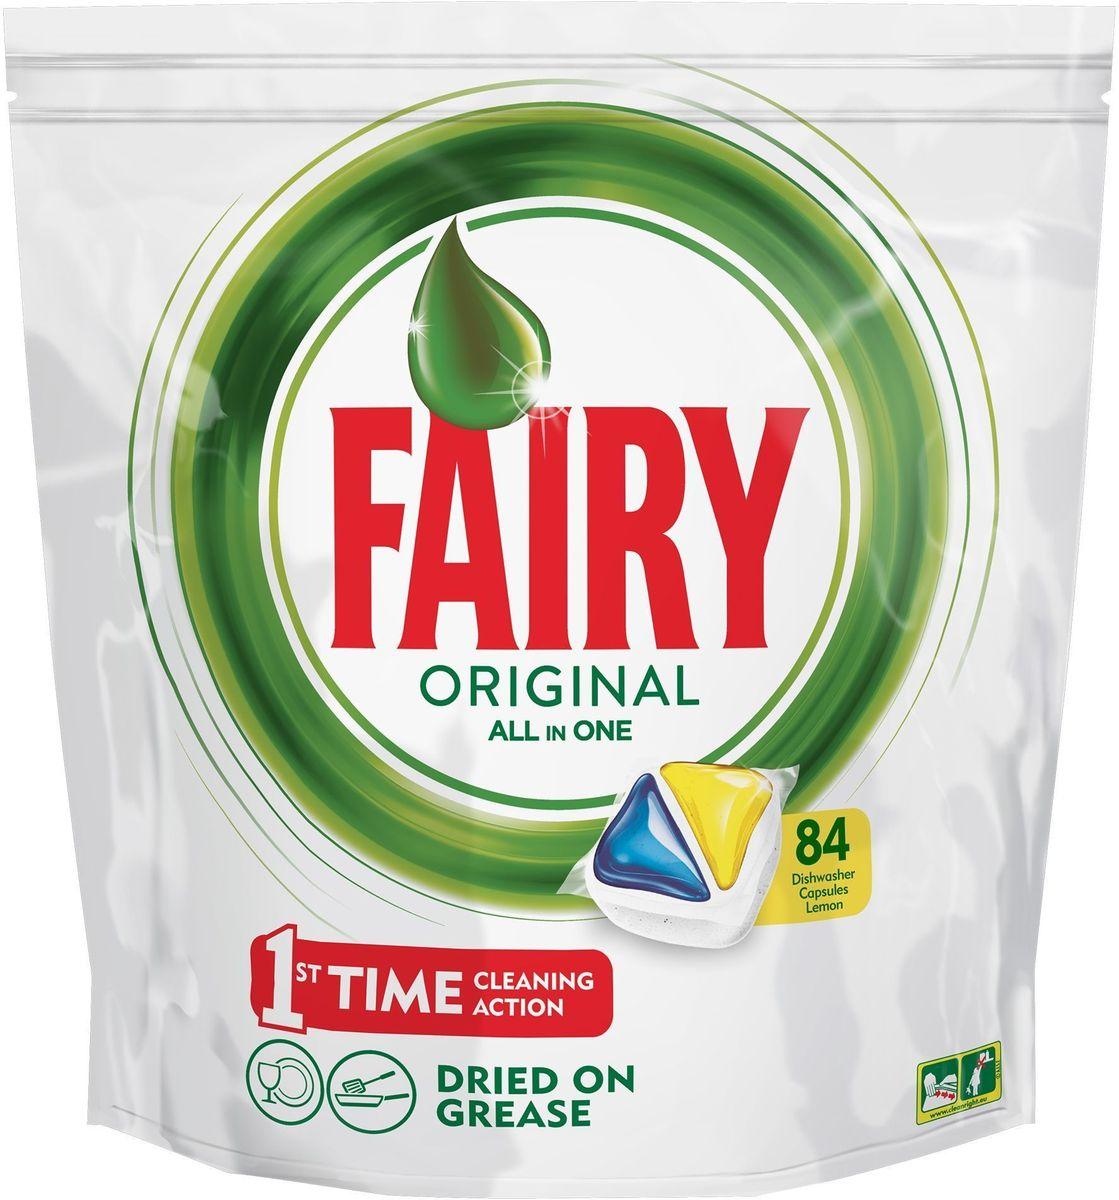 Капсулы для посудомоечной машины Fairy Original All In One. Лимон, 84 штукиCLP446Капсулы для посудомоечной машины Fairy Original All in One идеально отмывают посуду со сложными загрязнениями с 1-го раза. Fairy Original содержит гель и порошок в одной капсуле. Капсула растворяется гораздо быстрее, чем другие таблетки для посудомоечной машины, и поэтому начинает действовать немедленно. Кроме того, капсулы Fairy очень просты в использовании – просто поместите их в посудомоечную машину (не нужно распаковывать). Сила Fairy теперь и для посудомоечных машин! Идеально чистая посуда с 1-го раза. Справляется с засохшей и пригоревшей грязью. Капсулы для посудомоечной машины Fairy Original All in One Очистит даже самые сложные загрязнения. С функцией супер-сияния посуды. С добавлением соли и ополаскивателя, а так же с защитой стекла и серебра. Сохраняет приятный запах в посудомоечной машине С жидким моющим средством для борьбы со сложным жиром. Произведено и протестировано для использования во всех посудомоечных машинах. Готовы к использованию. Не нужно разворачивать. 1 капсула = 1 загрузка. Поместите капсулу в отсек для моющего средства и сразу закройте. Брать капсулу только сухими руками. Не разворачивайте и не прокалывайте капсулу. Закрывайте пакет после каждого использования.